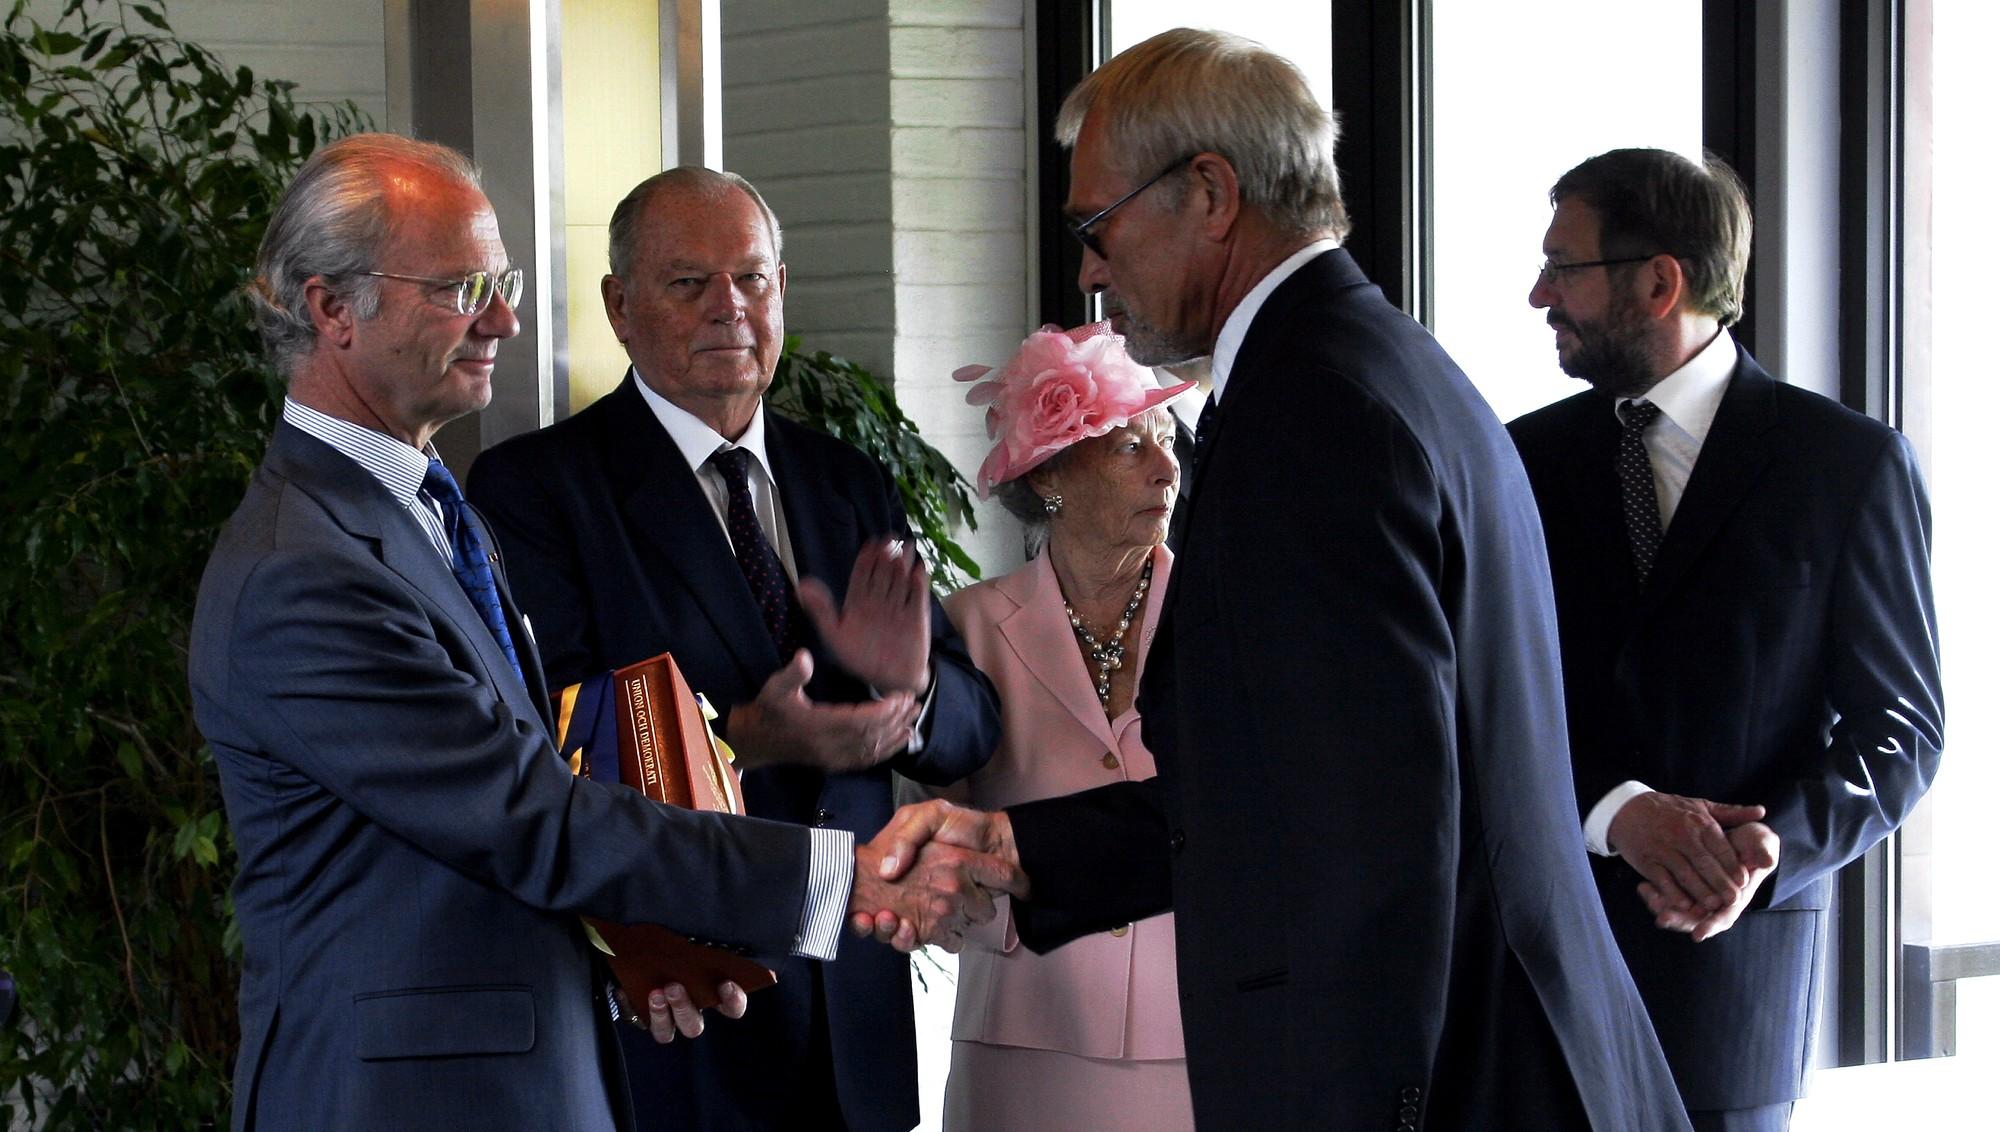 Супруги участвовали в торжественном событии, посвященному 100-летию мирного роспуска шведско-норвежского союза